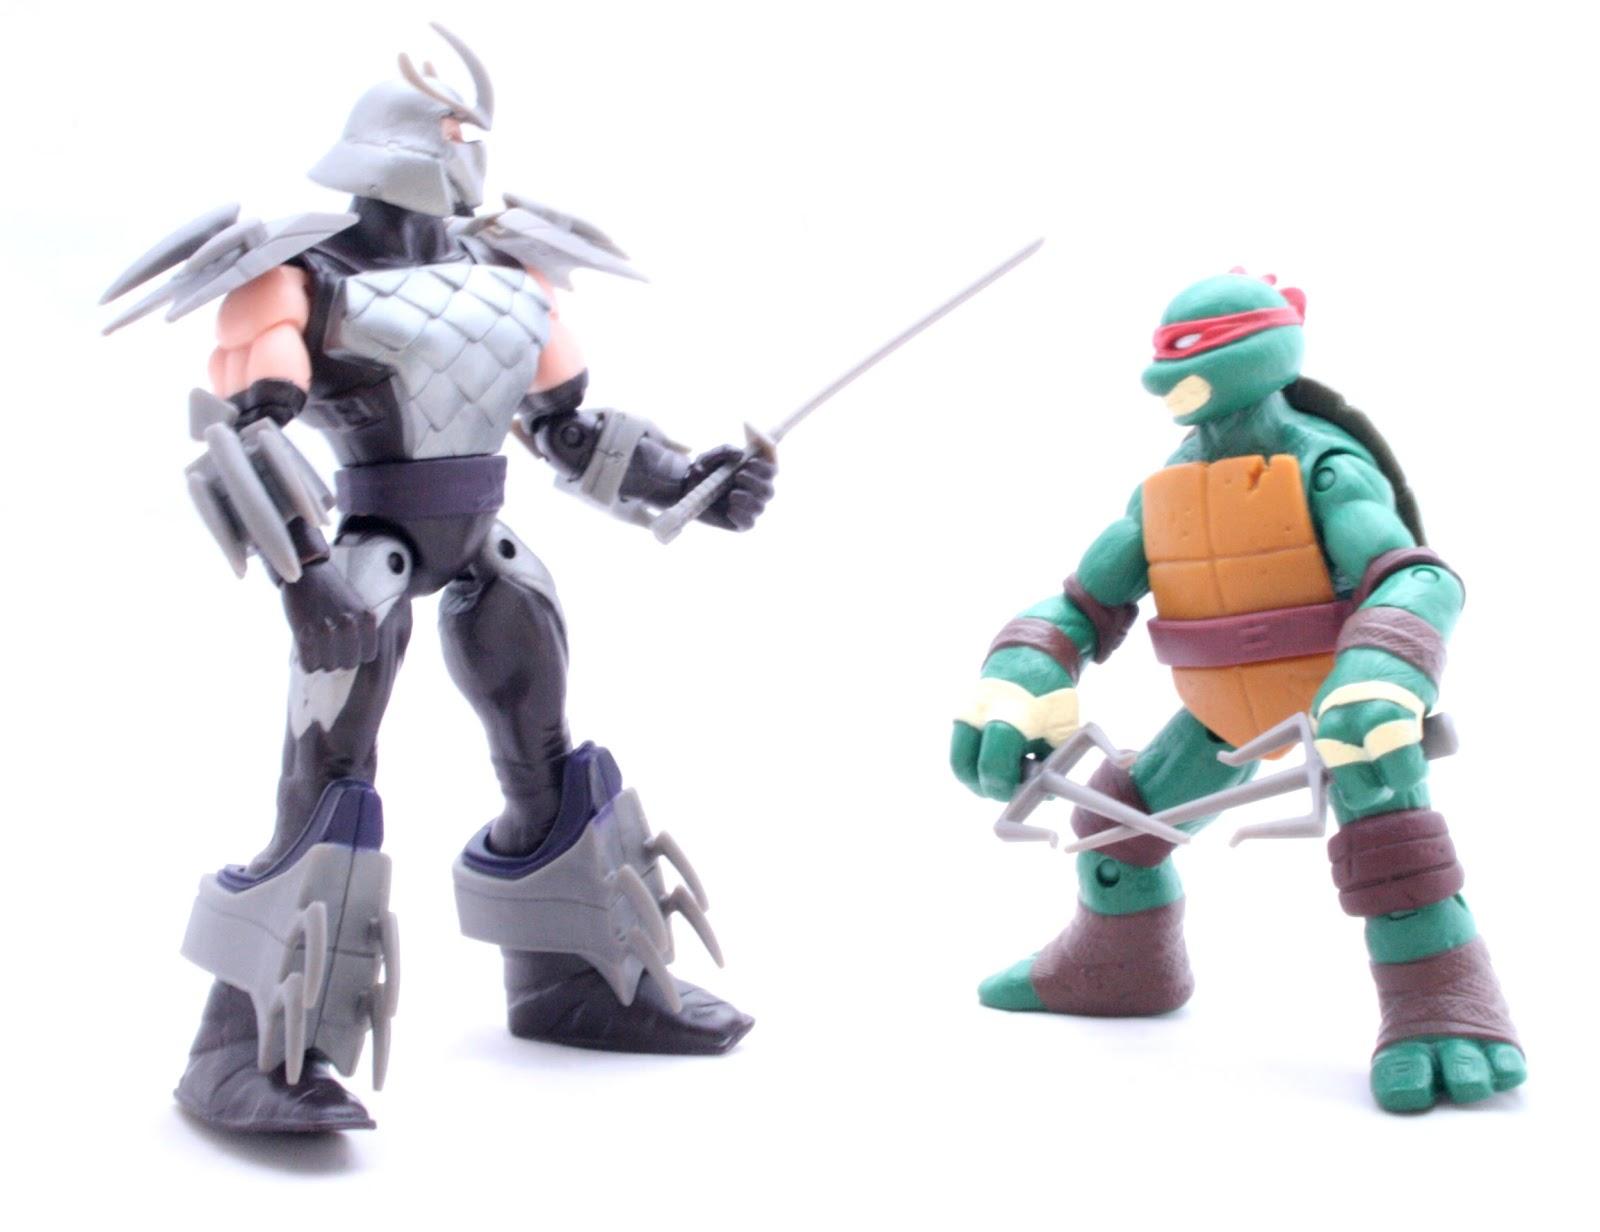 tmnt shredder 2012 toy